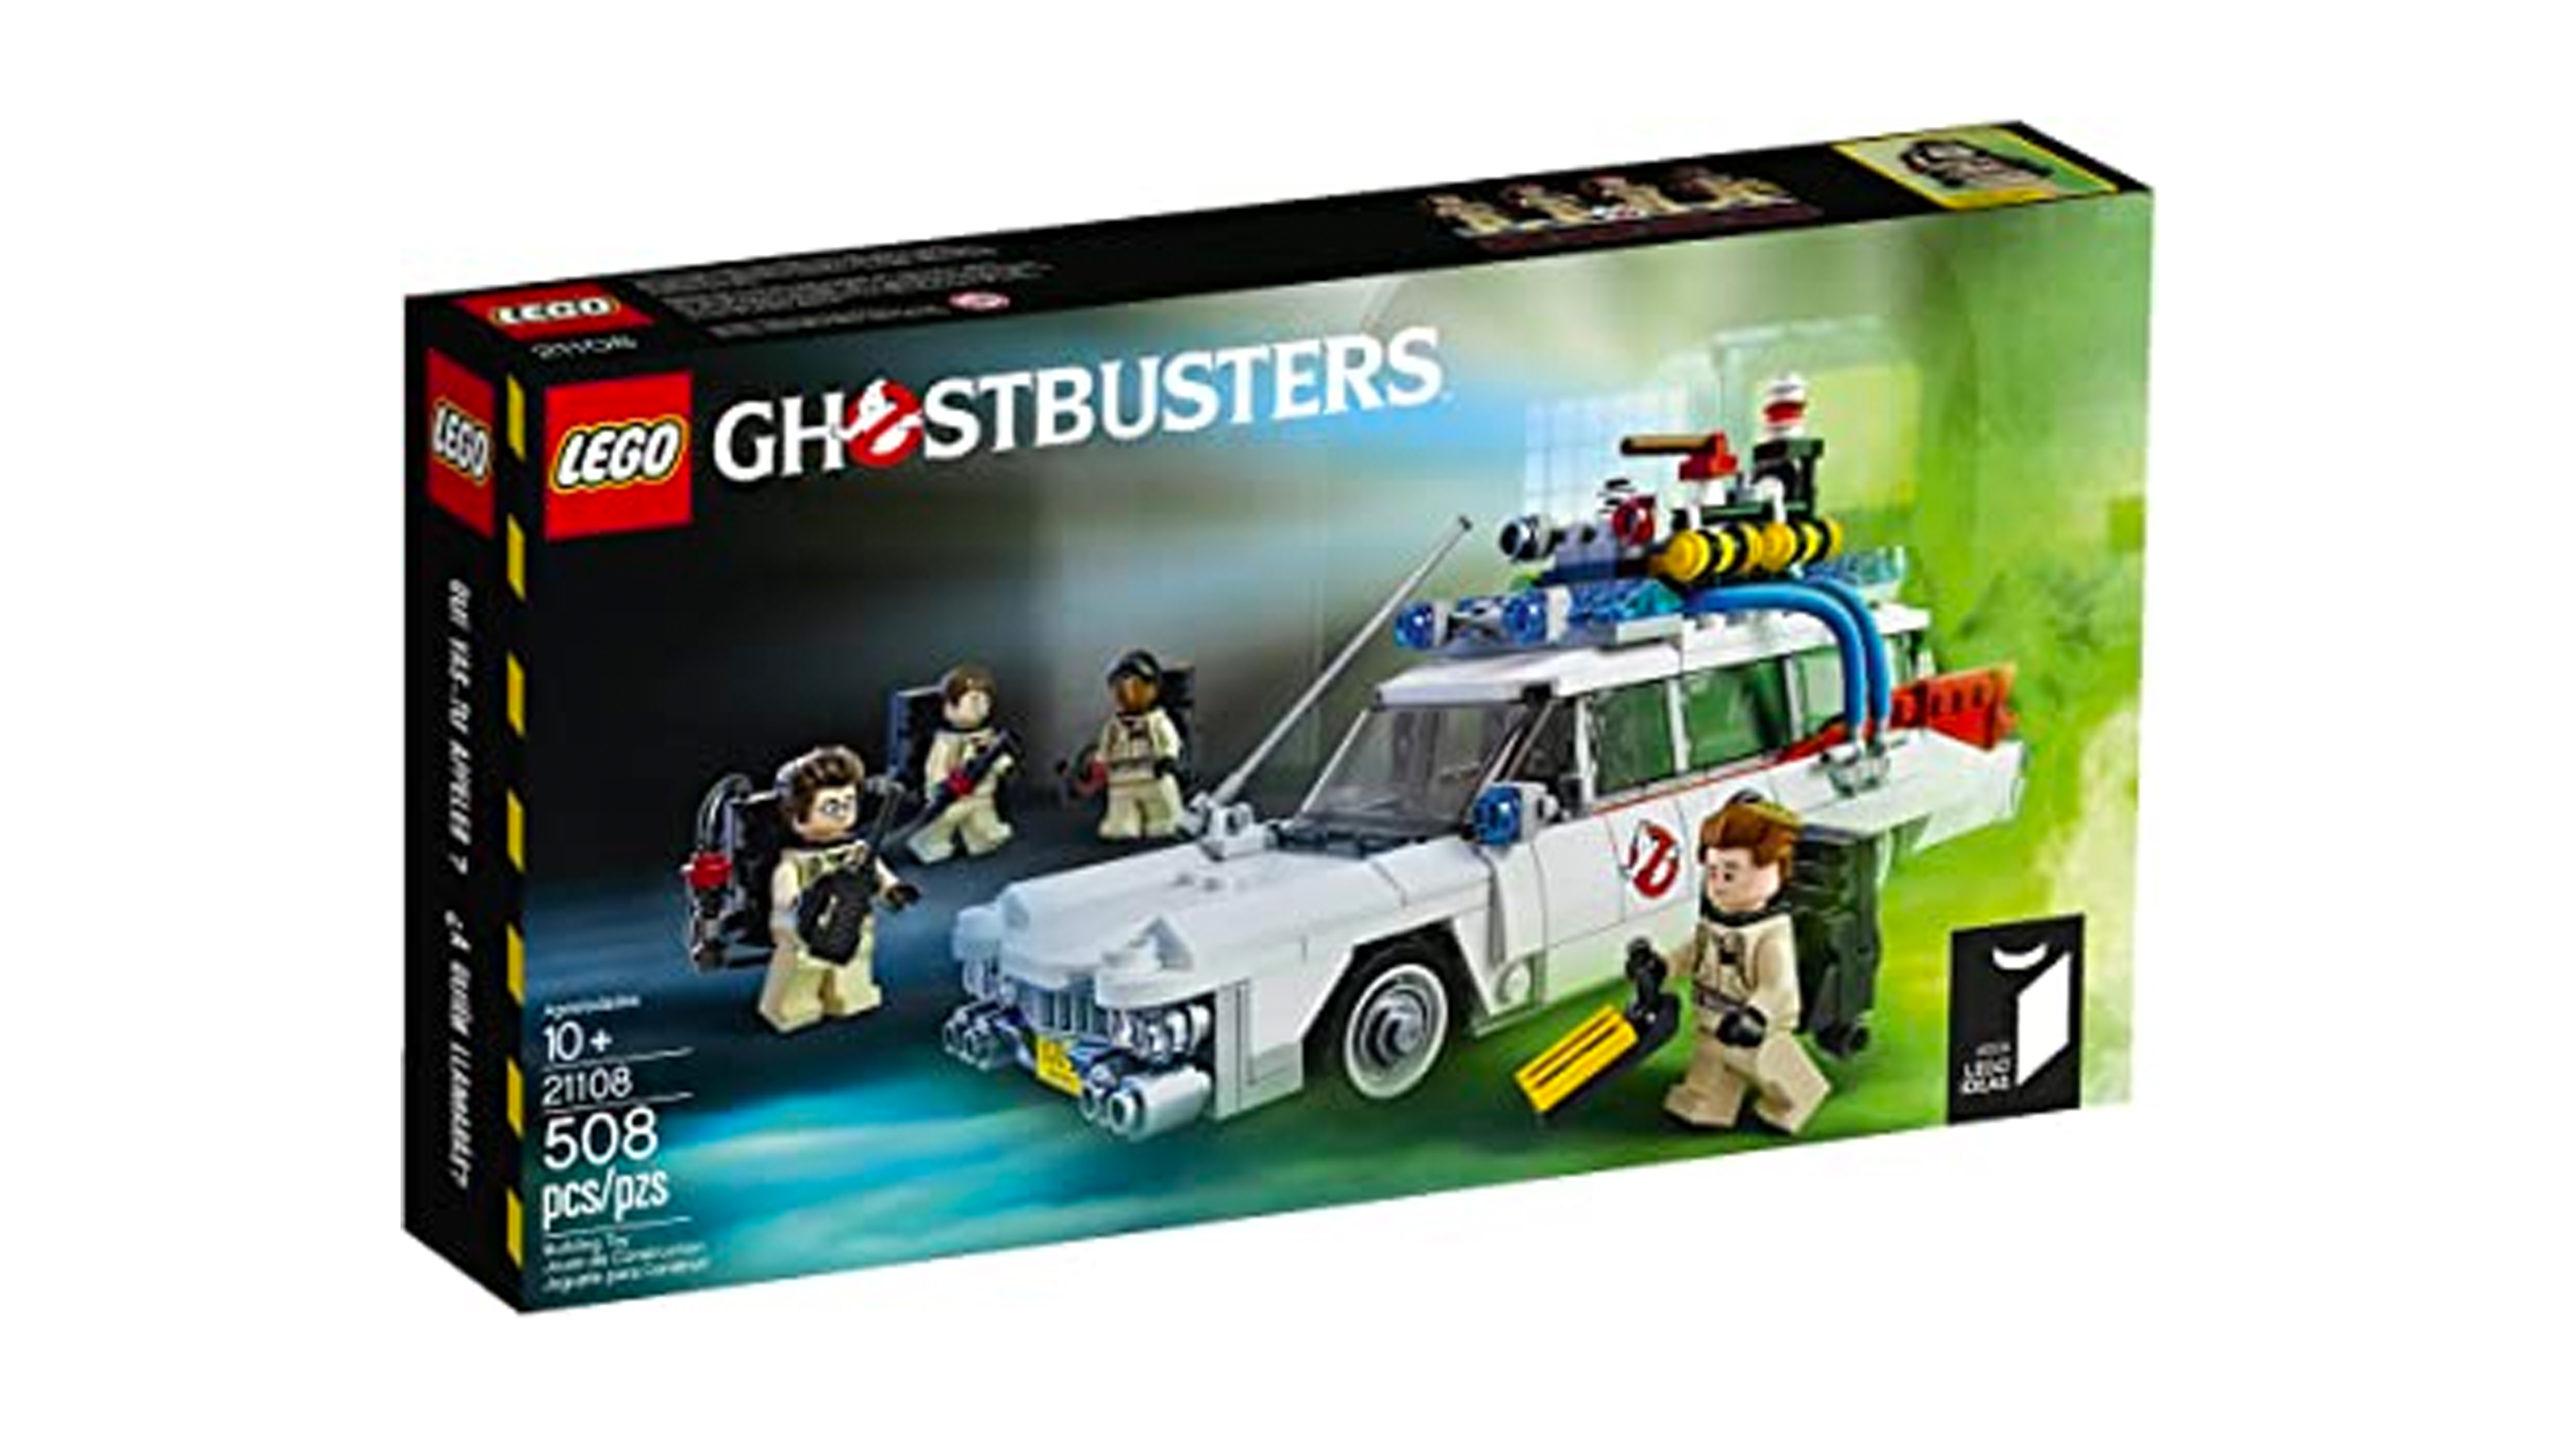 LEGO Licensed Sets - Ghostbusters Set